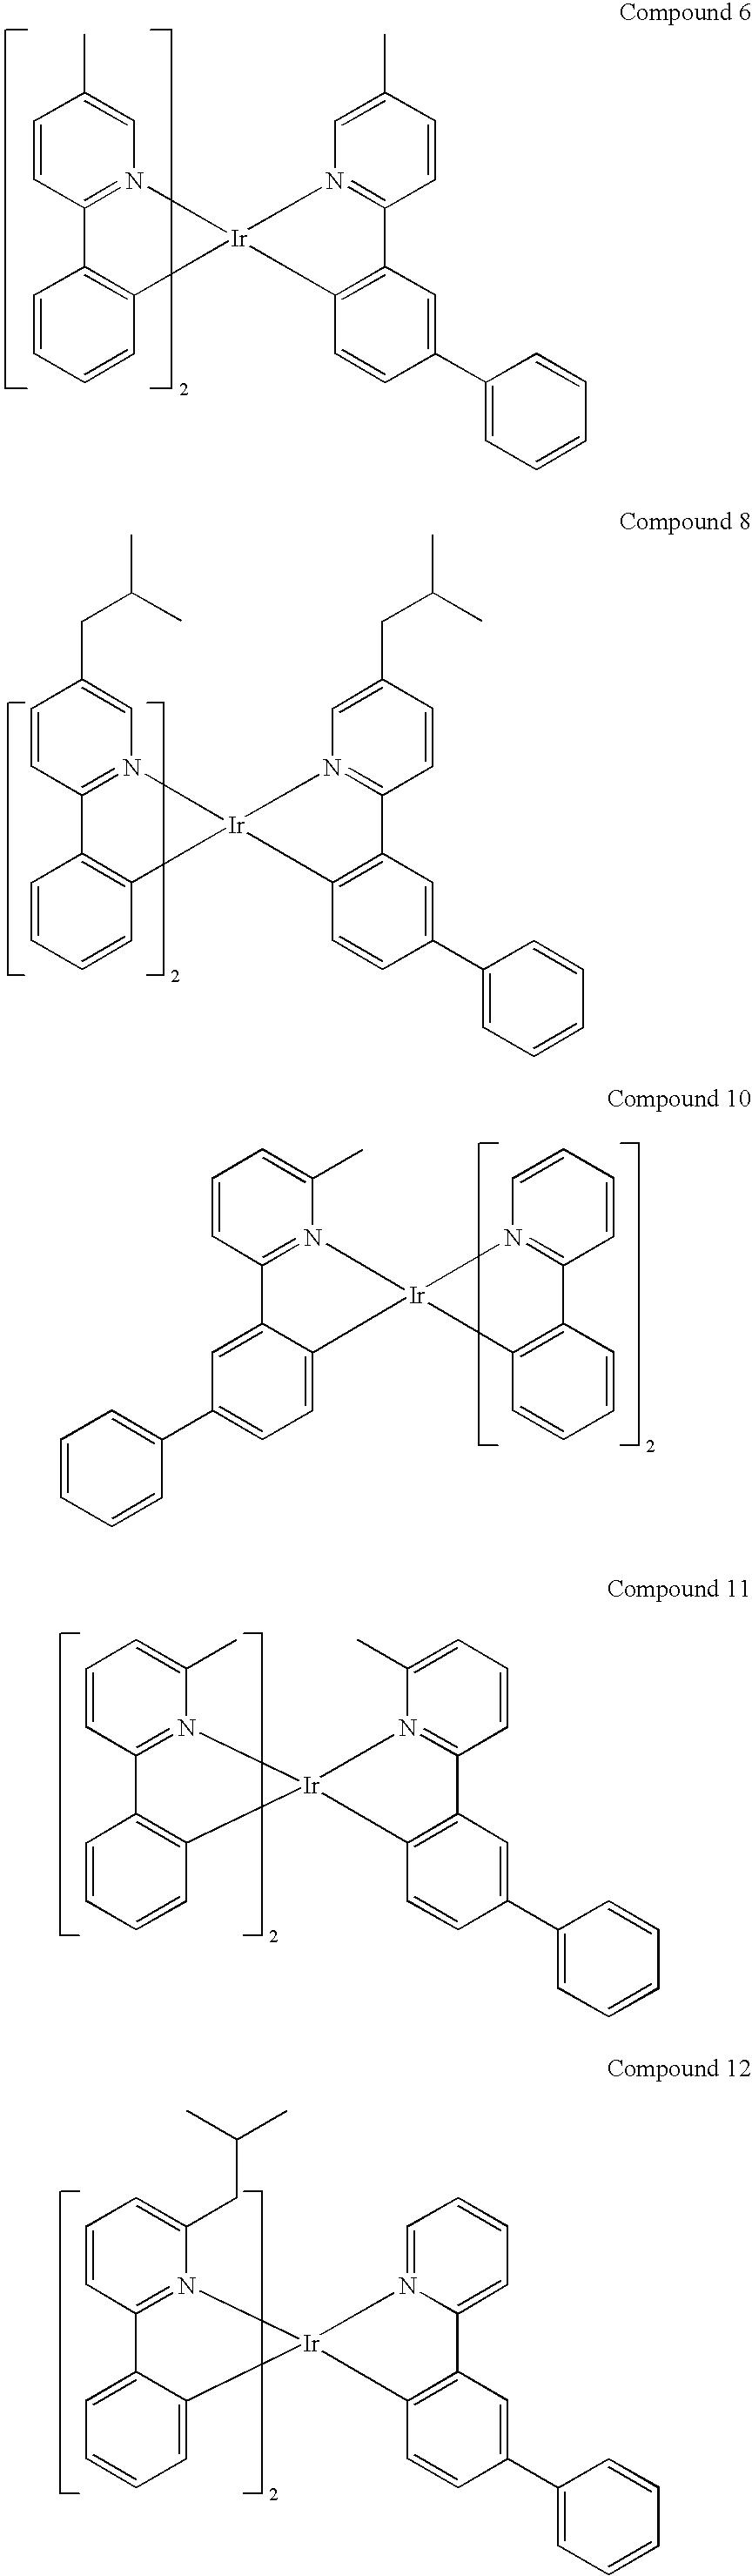 Figure US20090108737A1-20090430-C00024